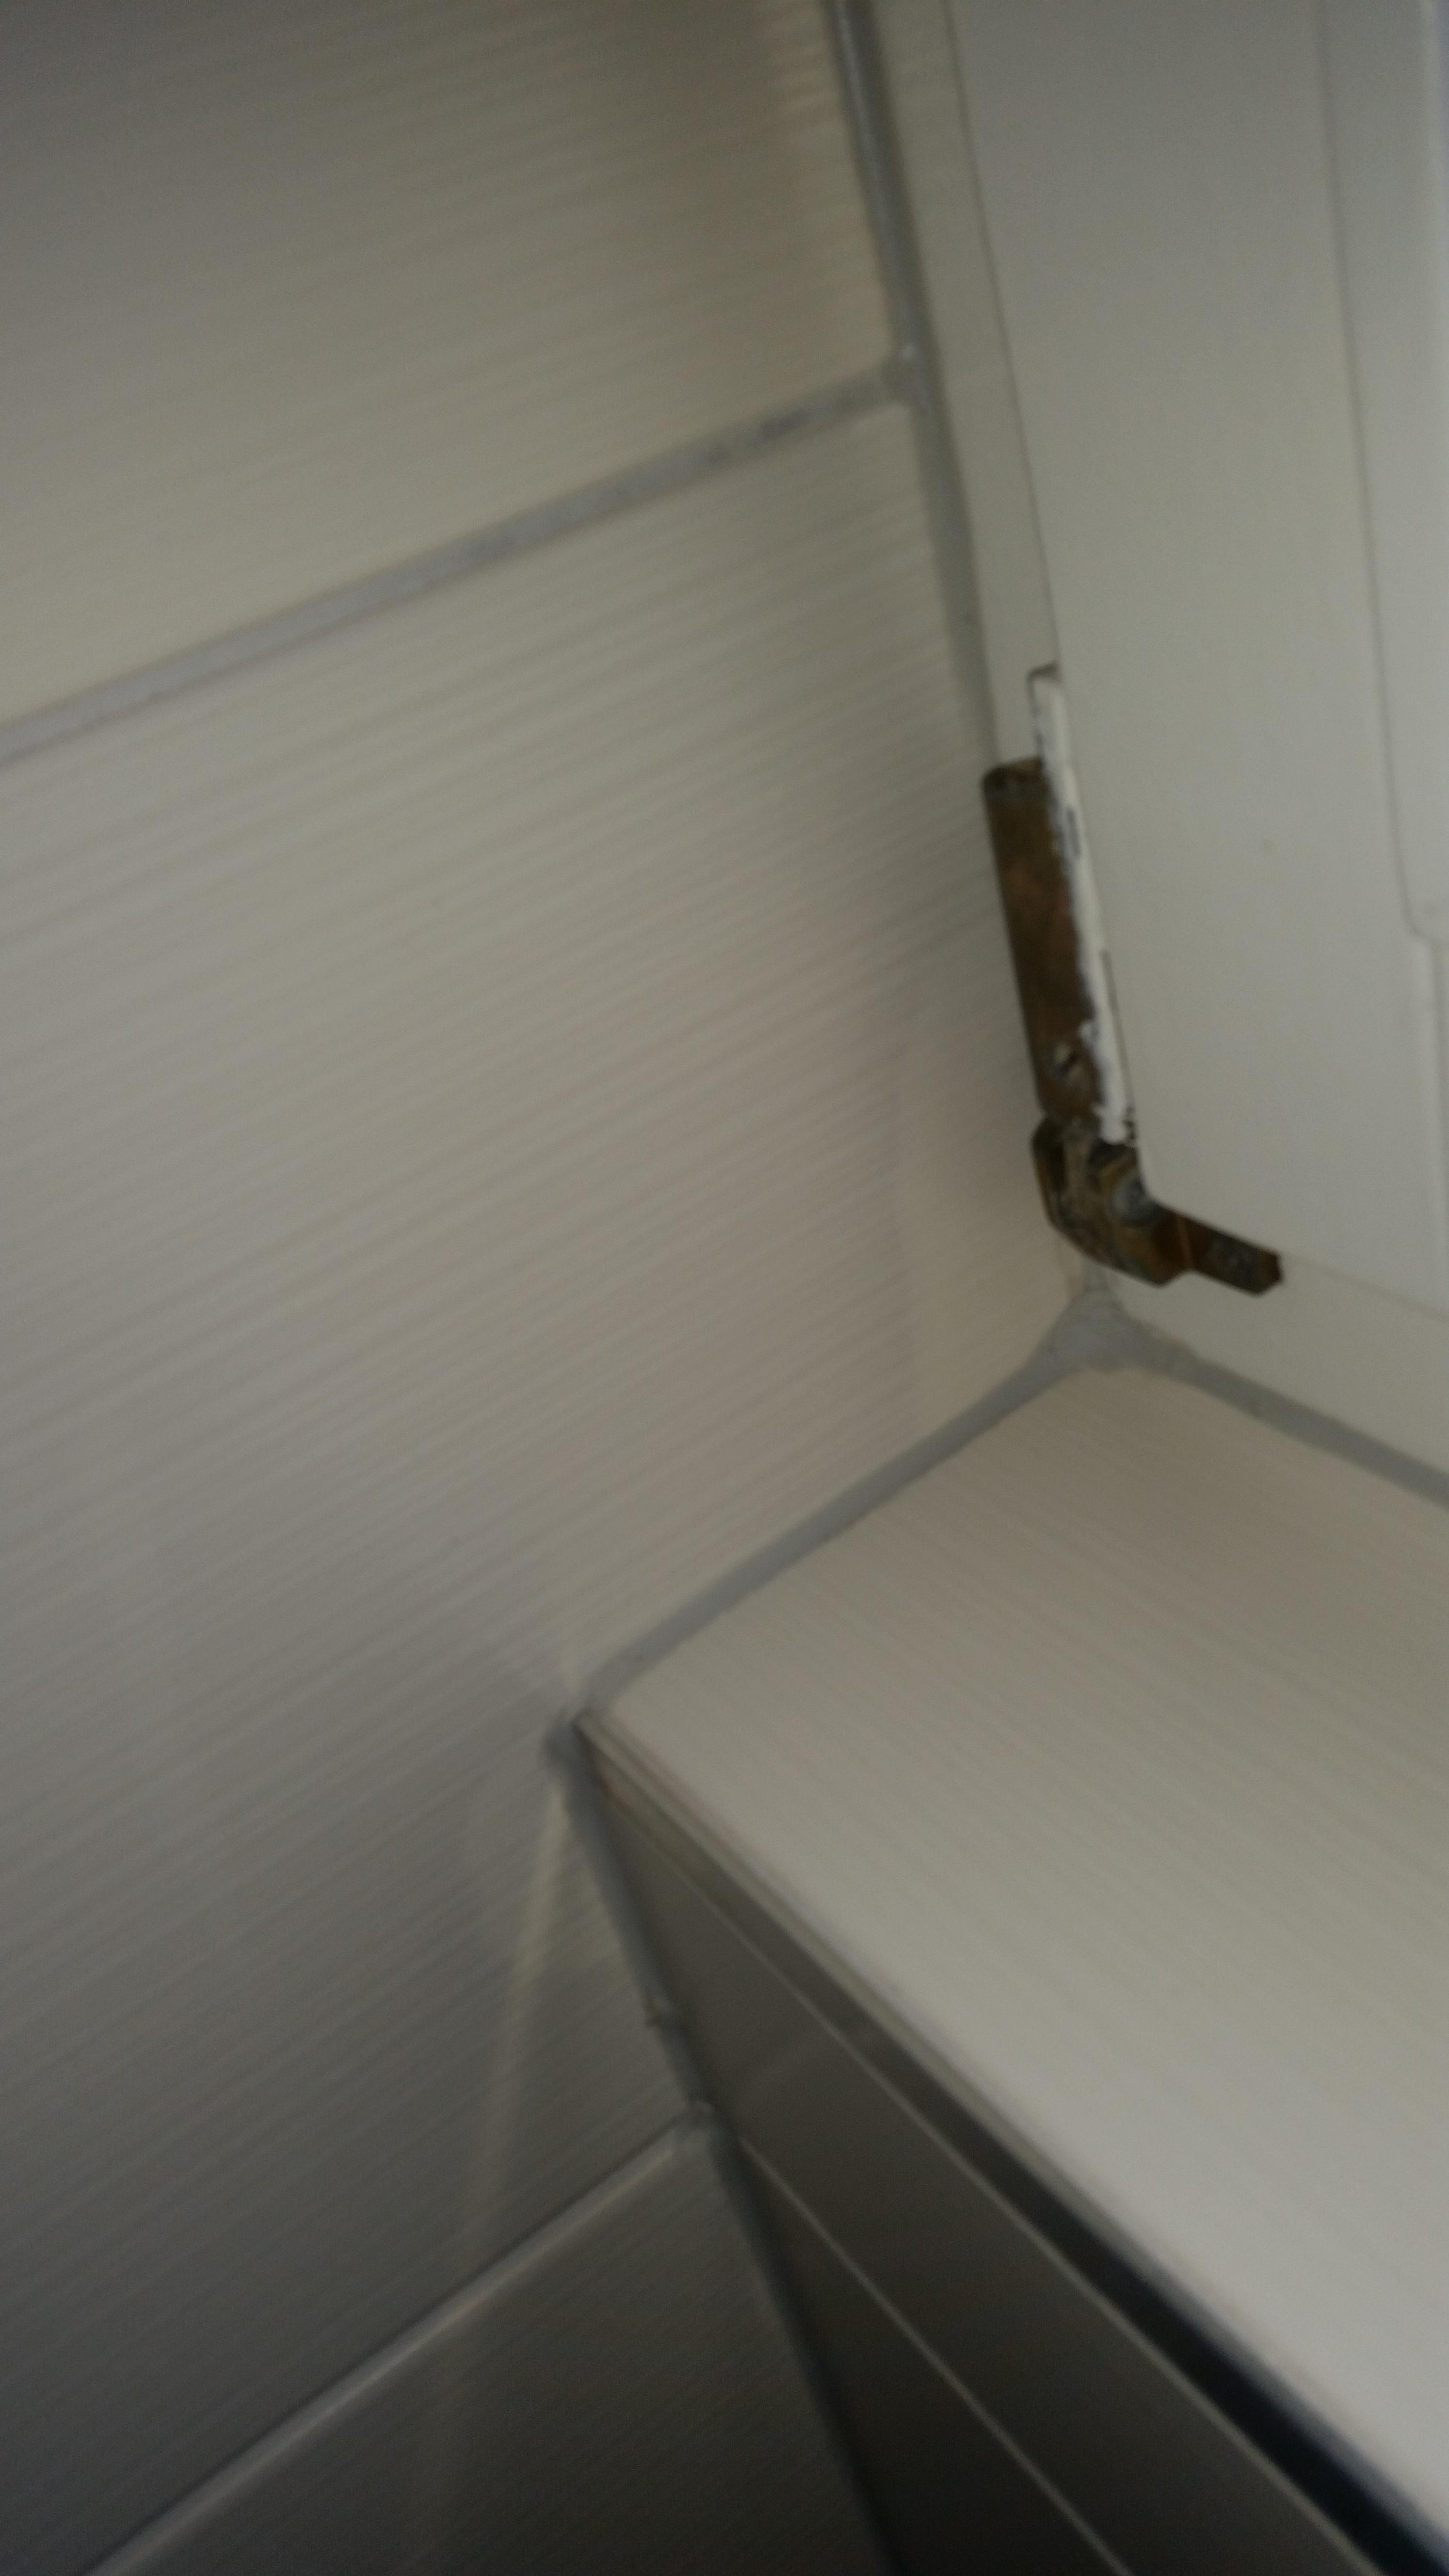 dusche putzen tipps toilette hygienisch reinigen with dusche putzen begehbare dusche putzen. Black Bedroom Furniture Sets. Home Design Ideas